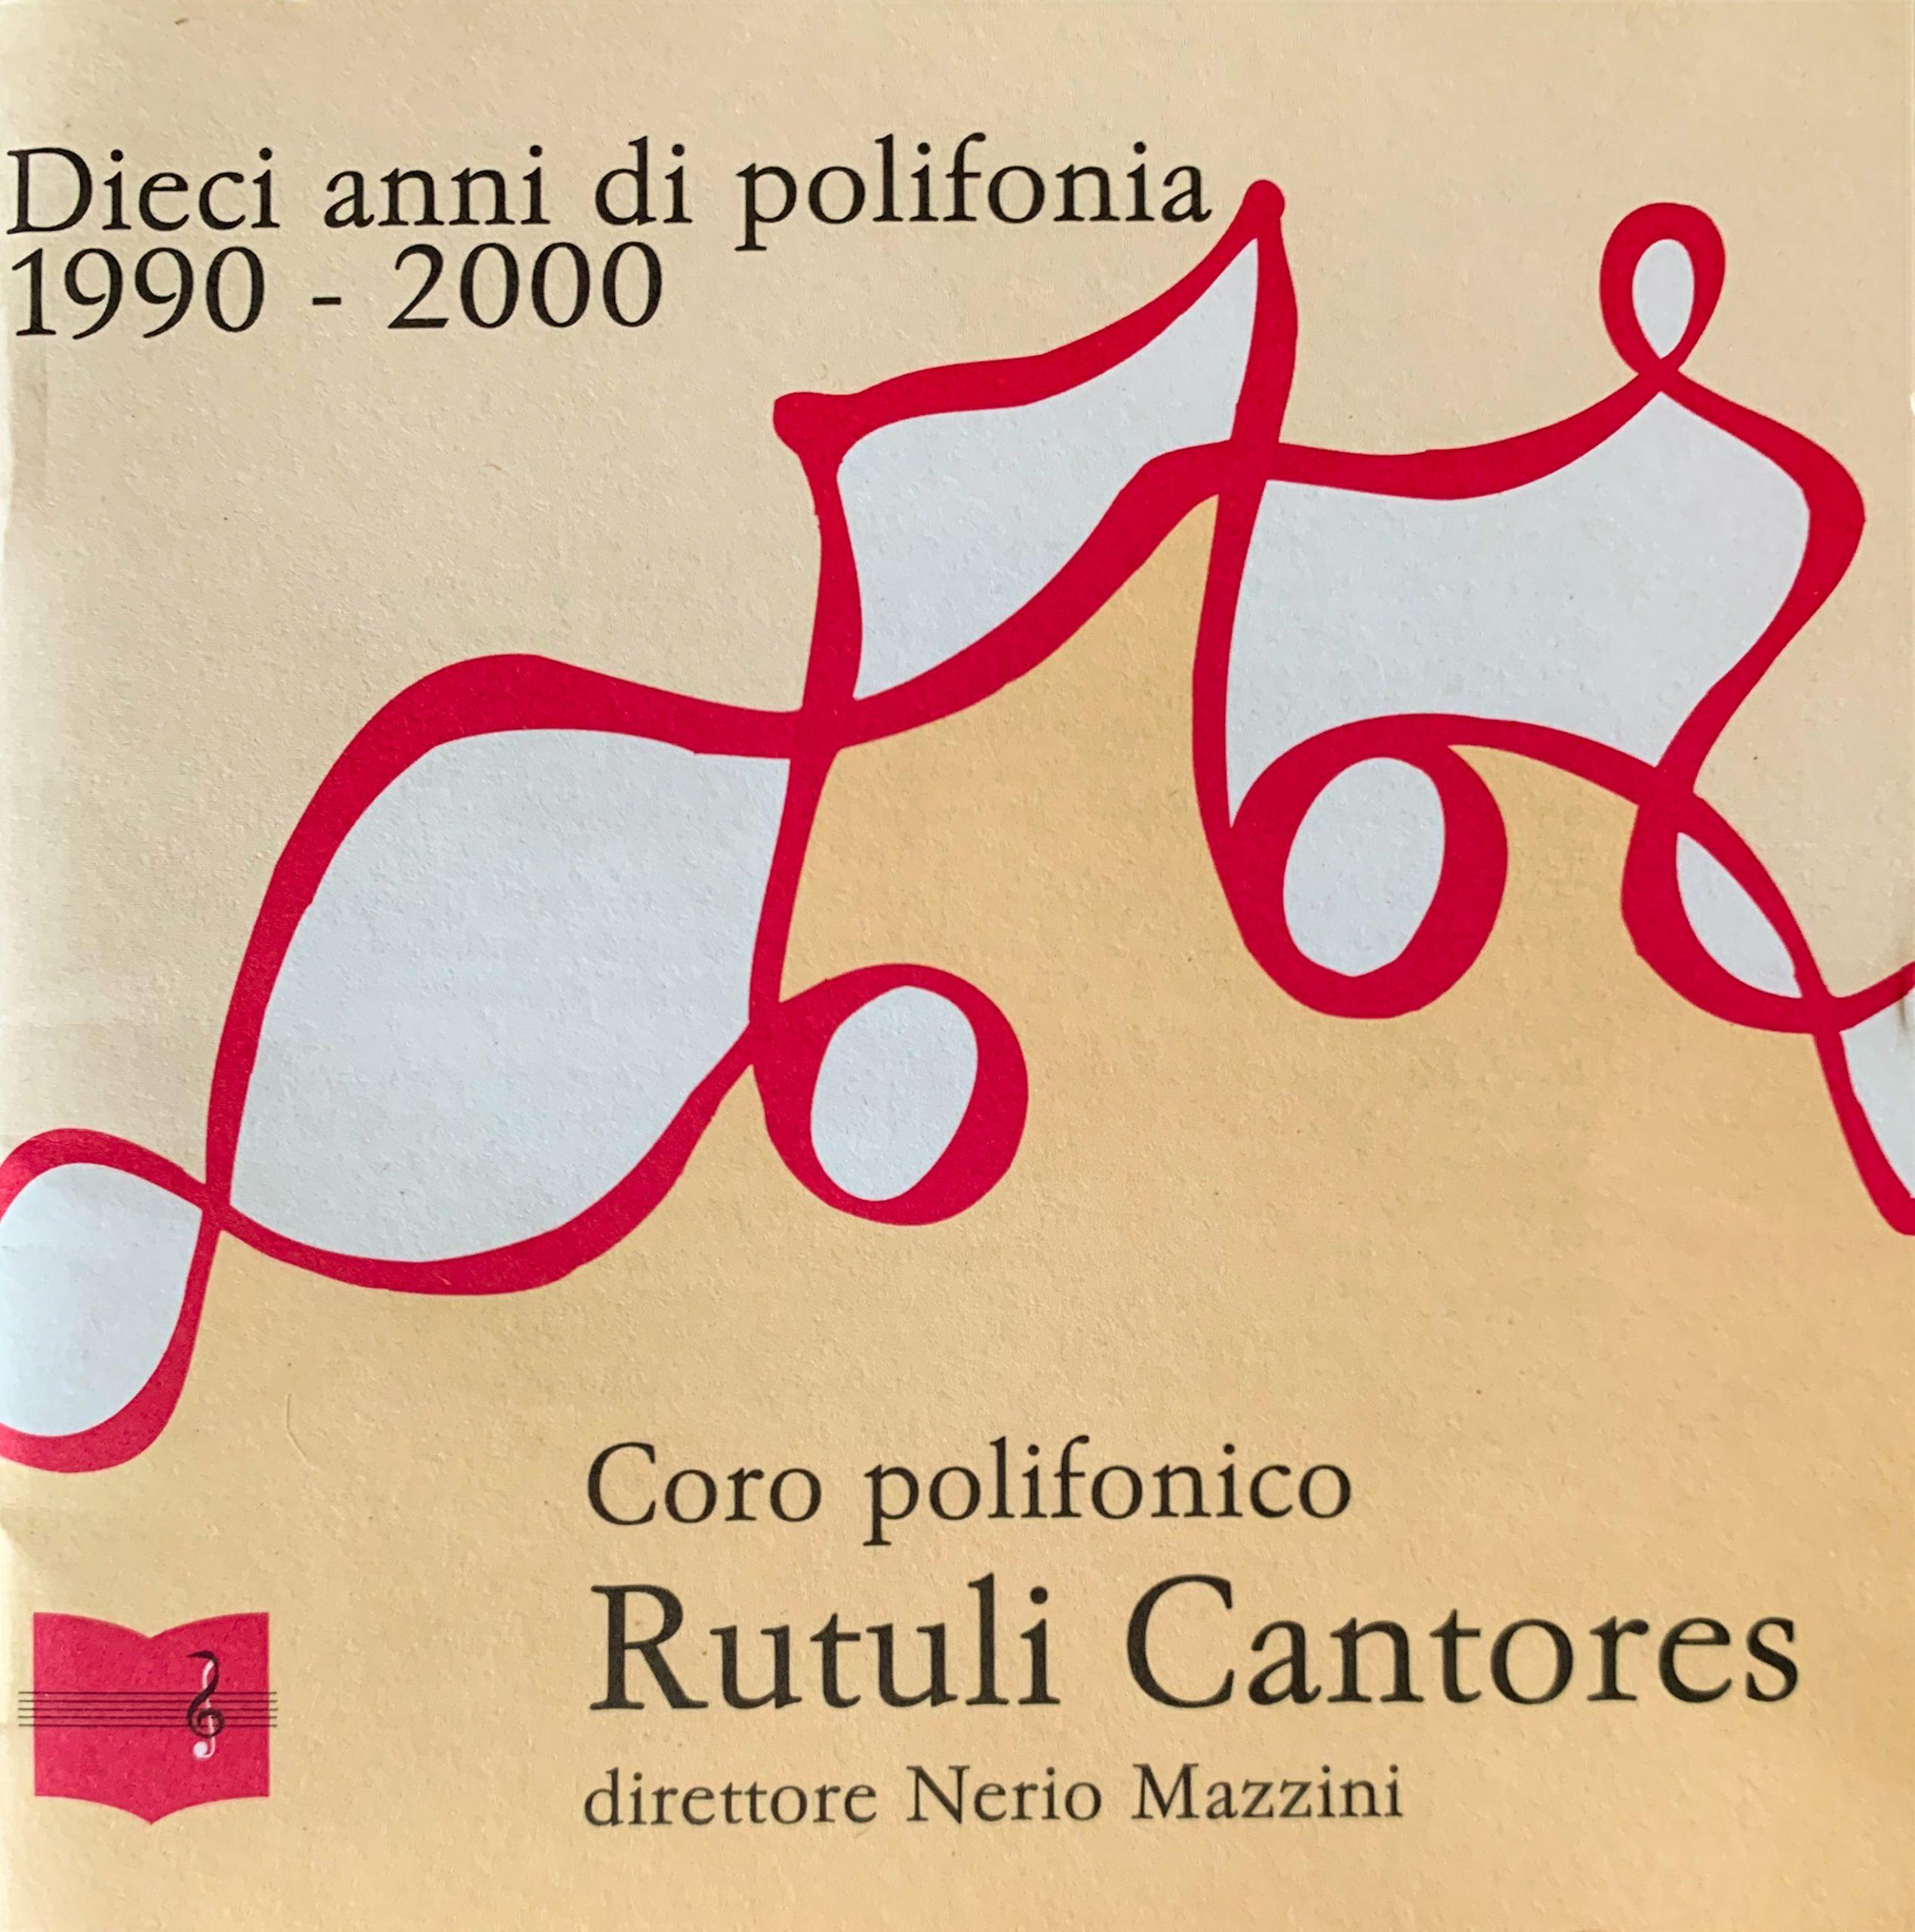 Dieci anni di polifonia 1990-2000